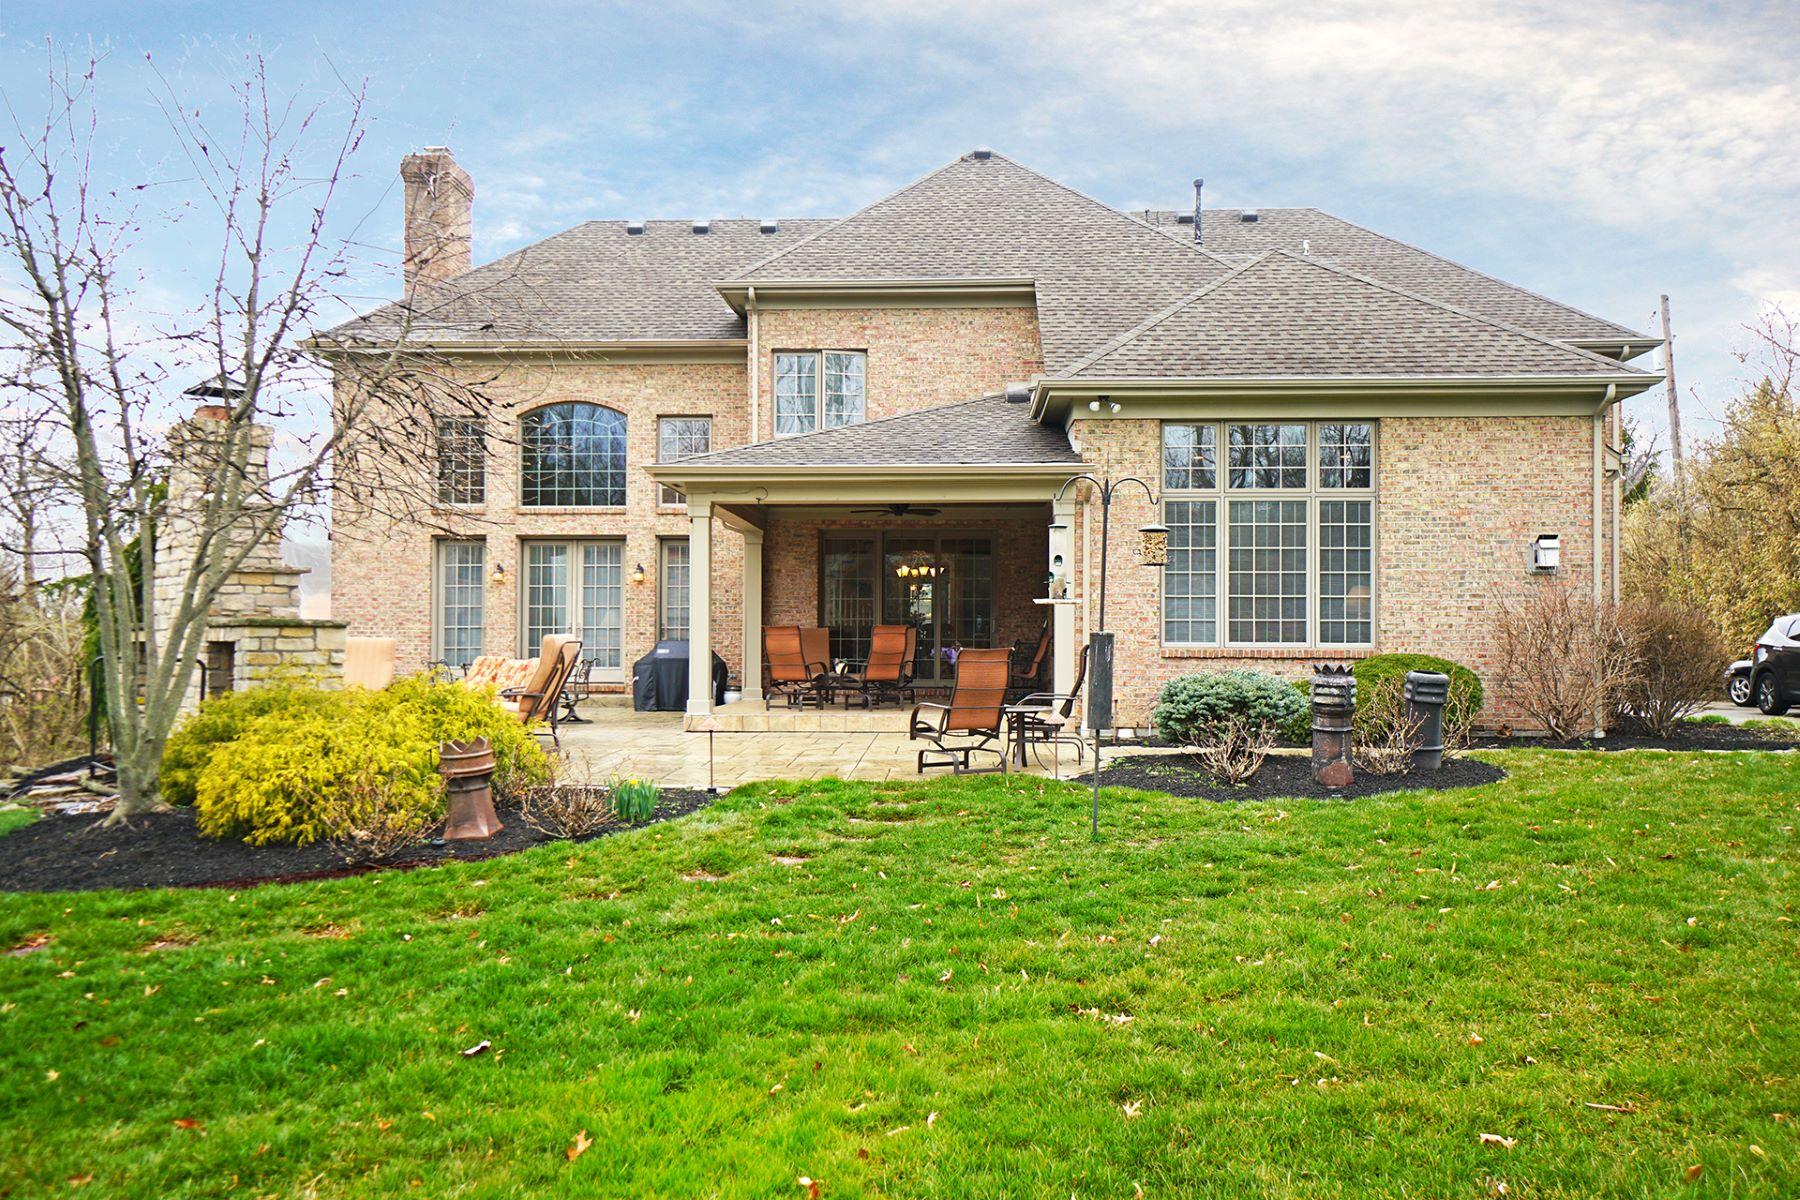 Maison unifamiliale pour l à vendre à 7755 Keller Rd Cincinnati, Ohio, 45243 États-Unis